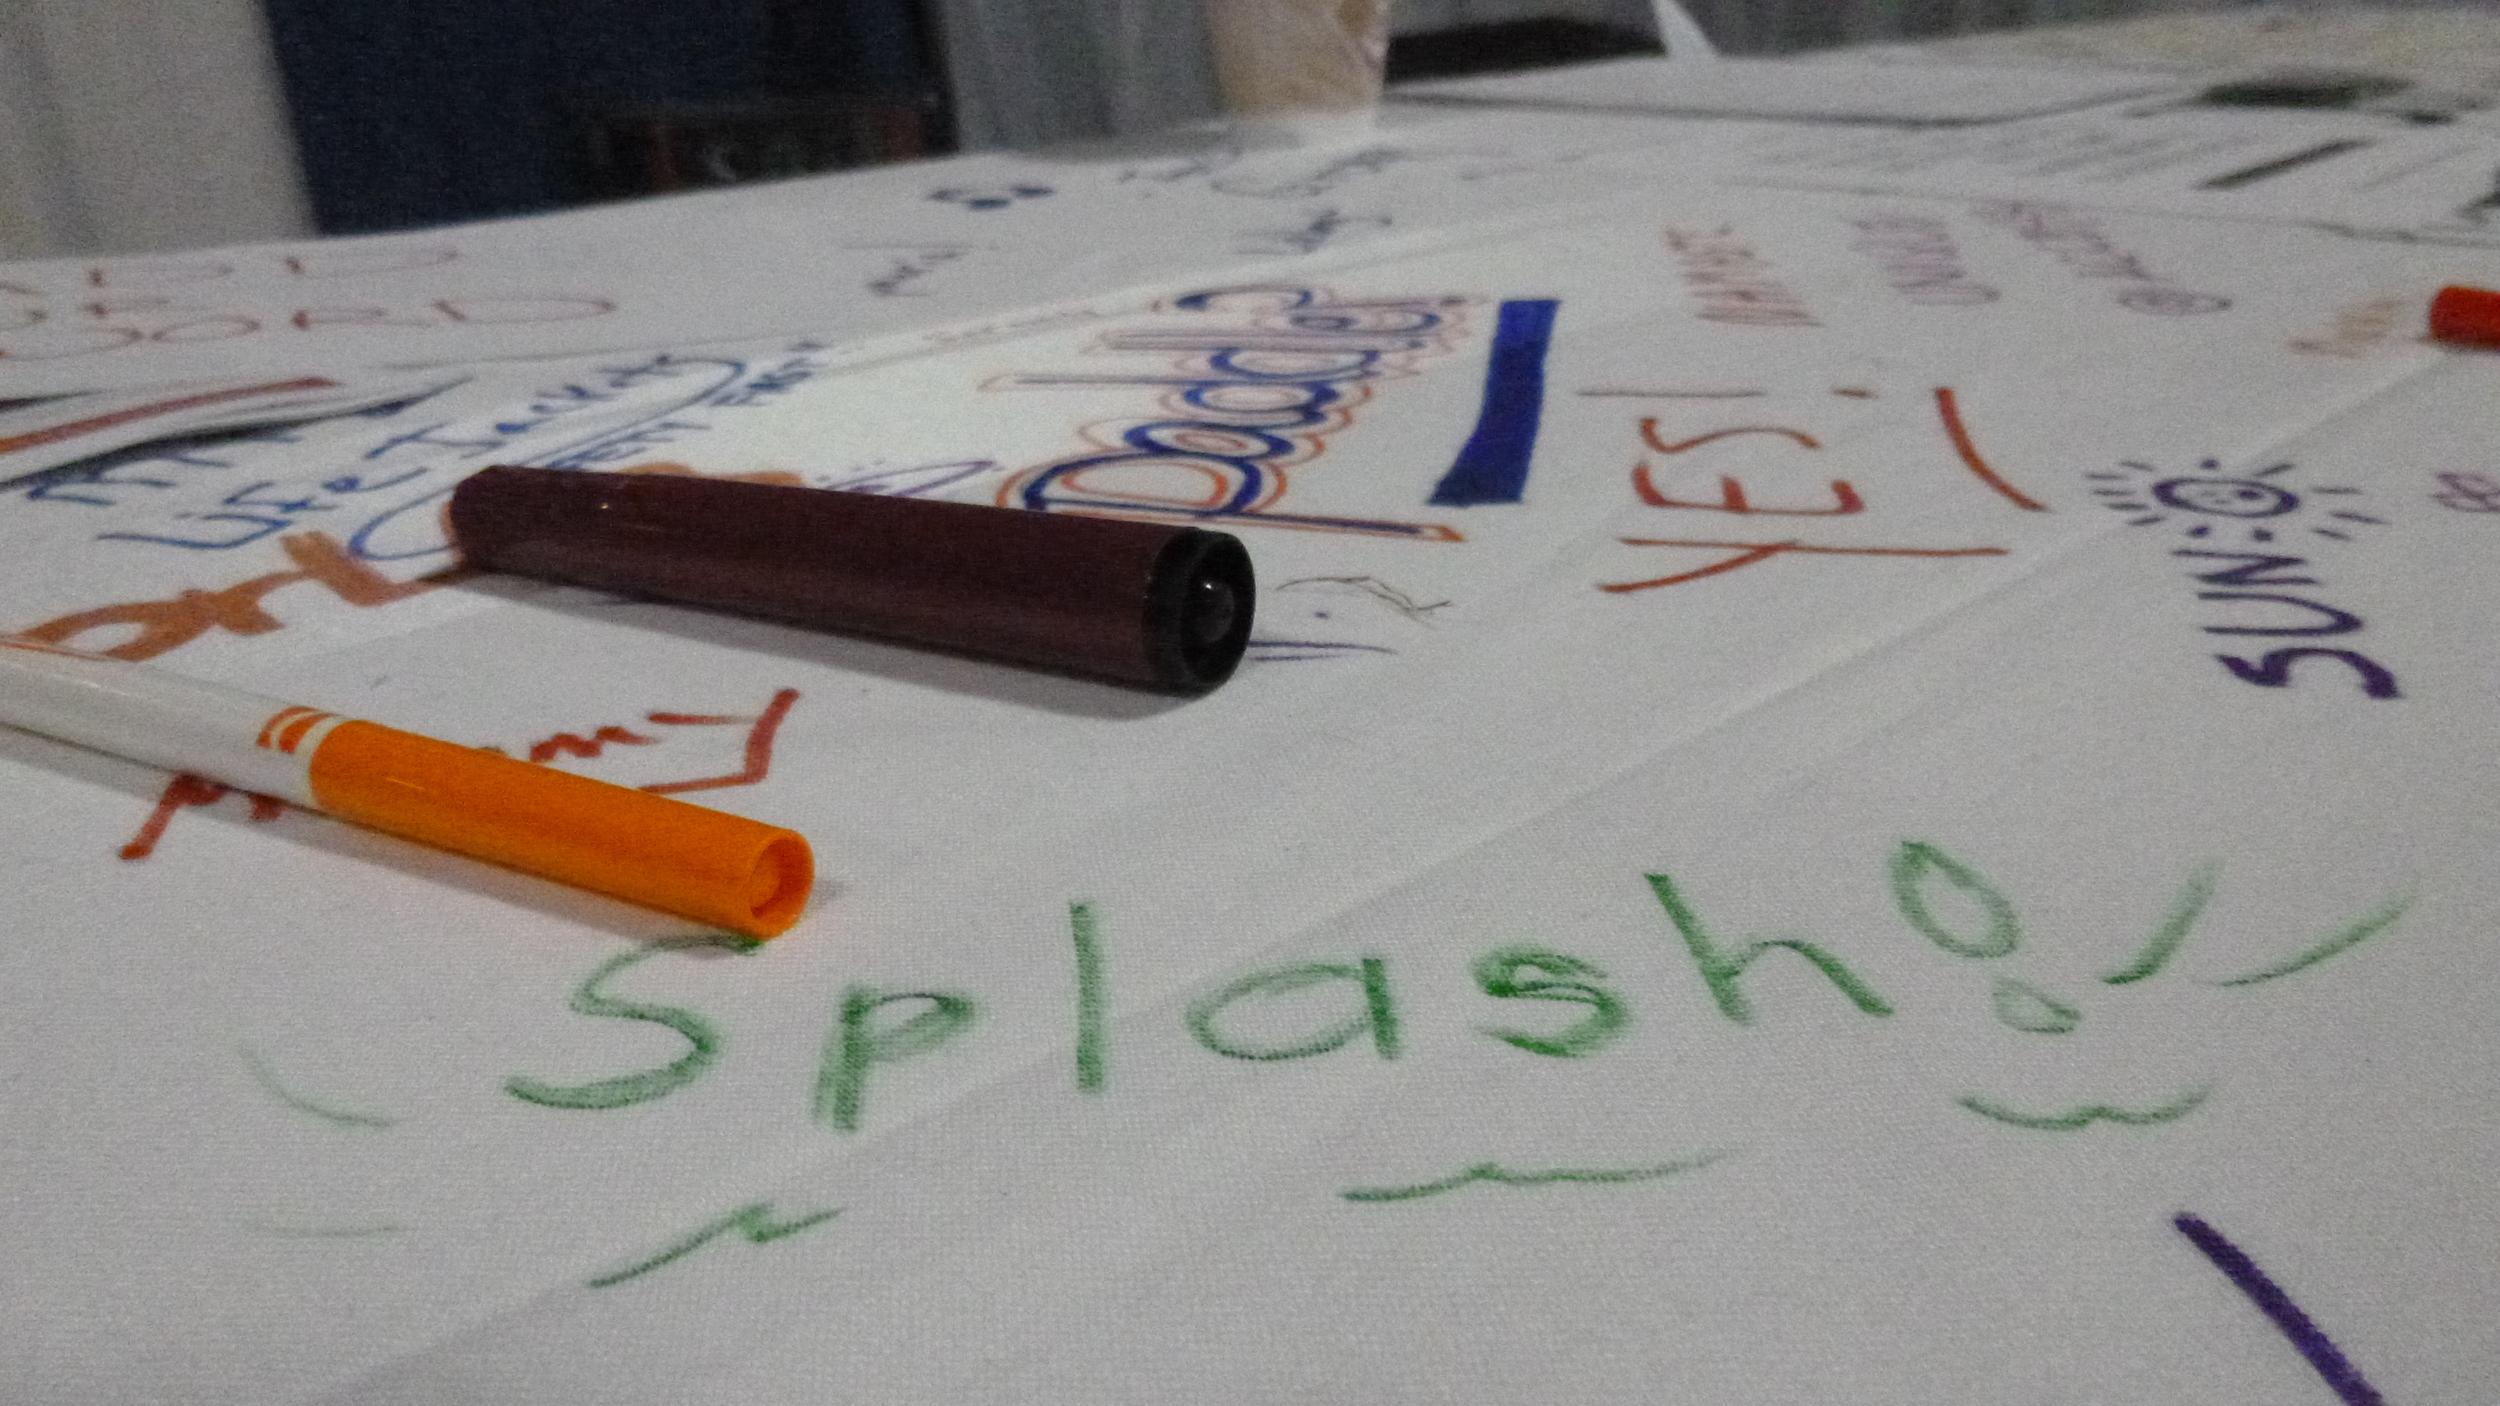 WritingTableCloth.JPG